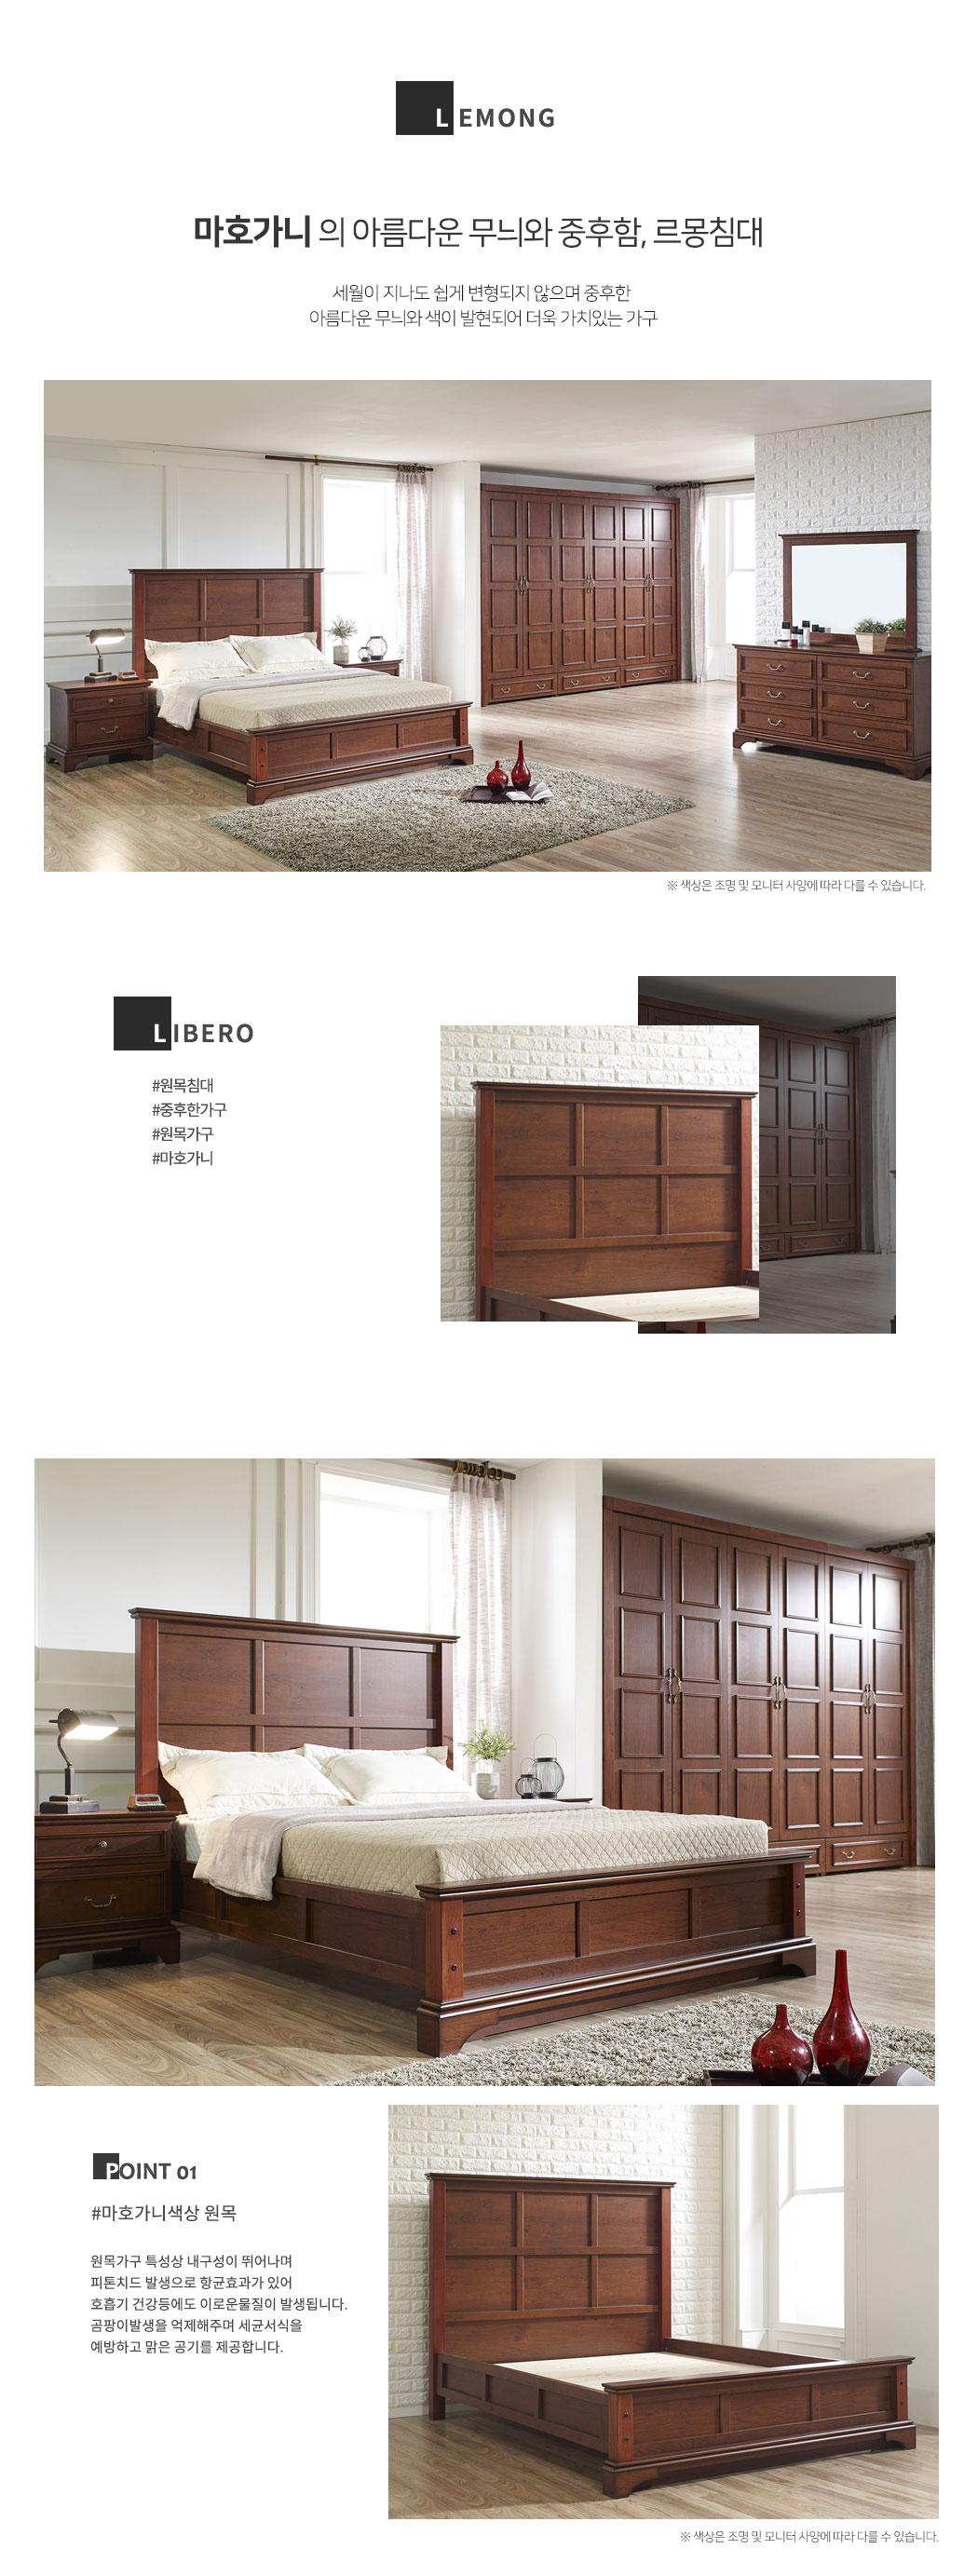 lemong_bed_03.jpg